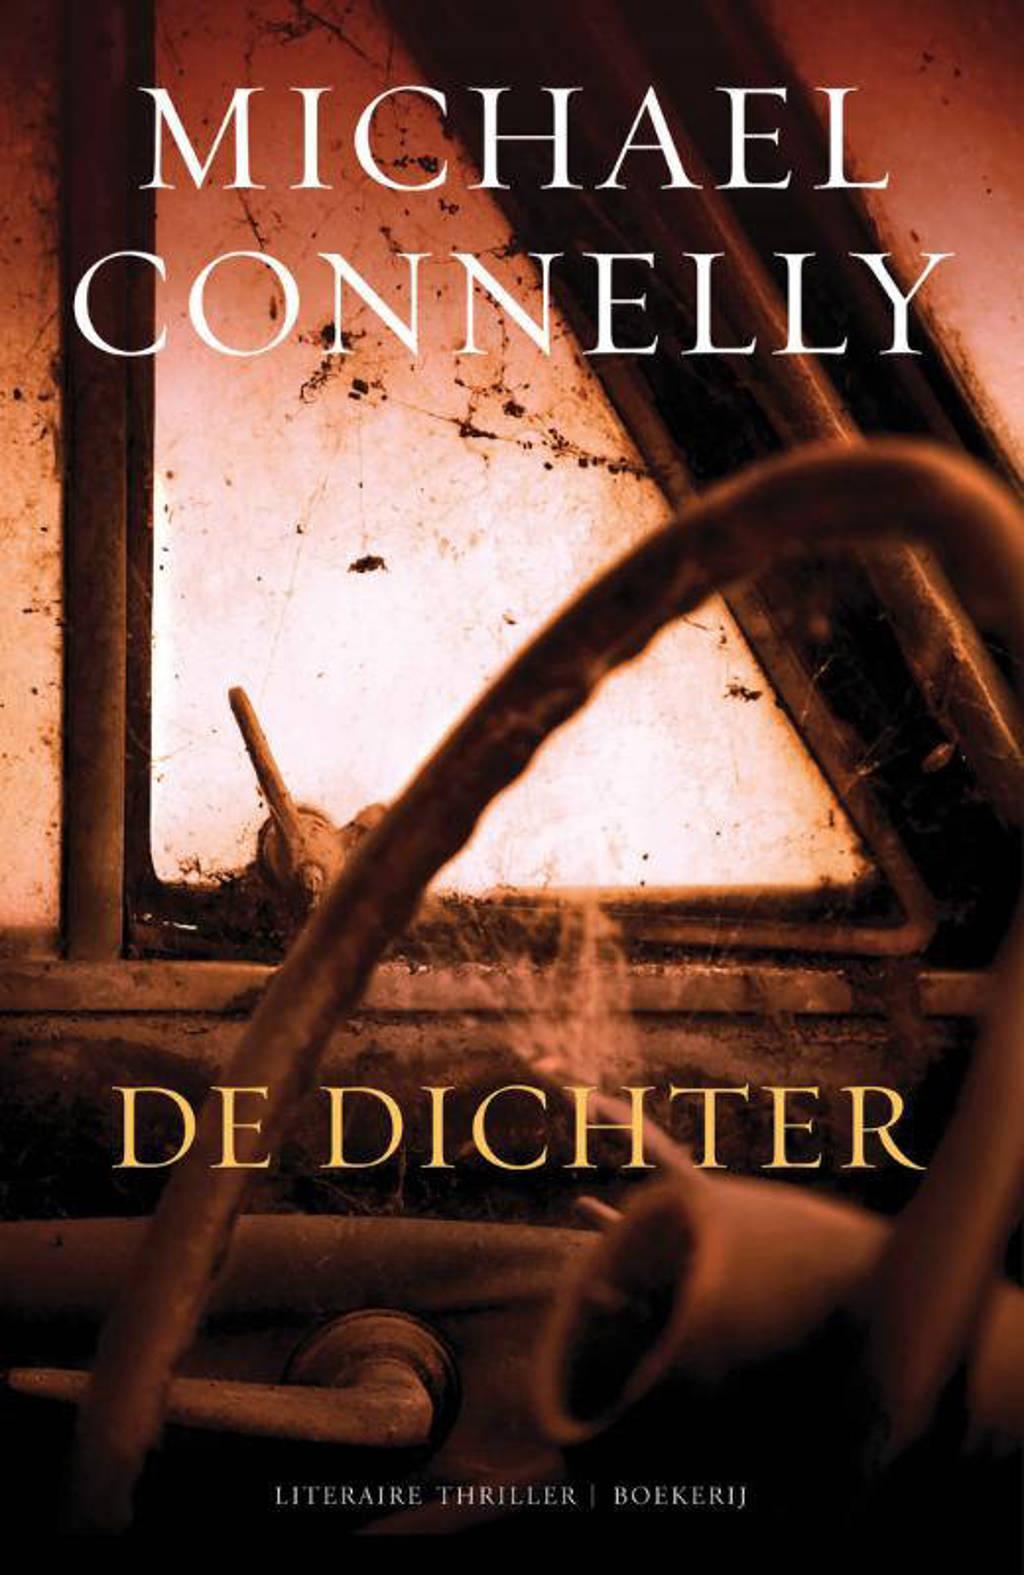 Jack McEvoy: De dichter - Michael Connelly